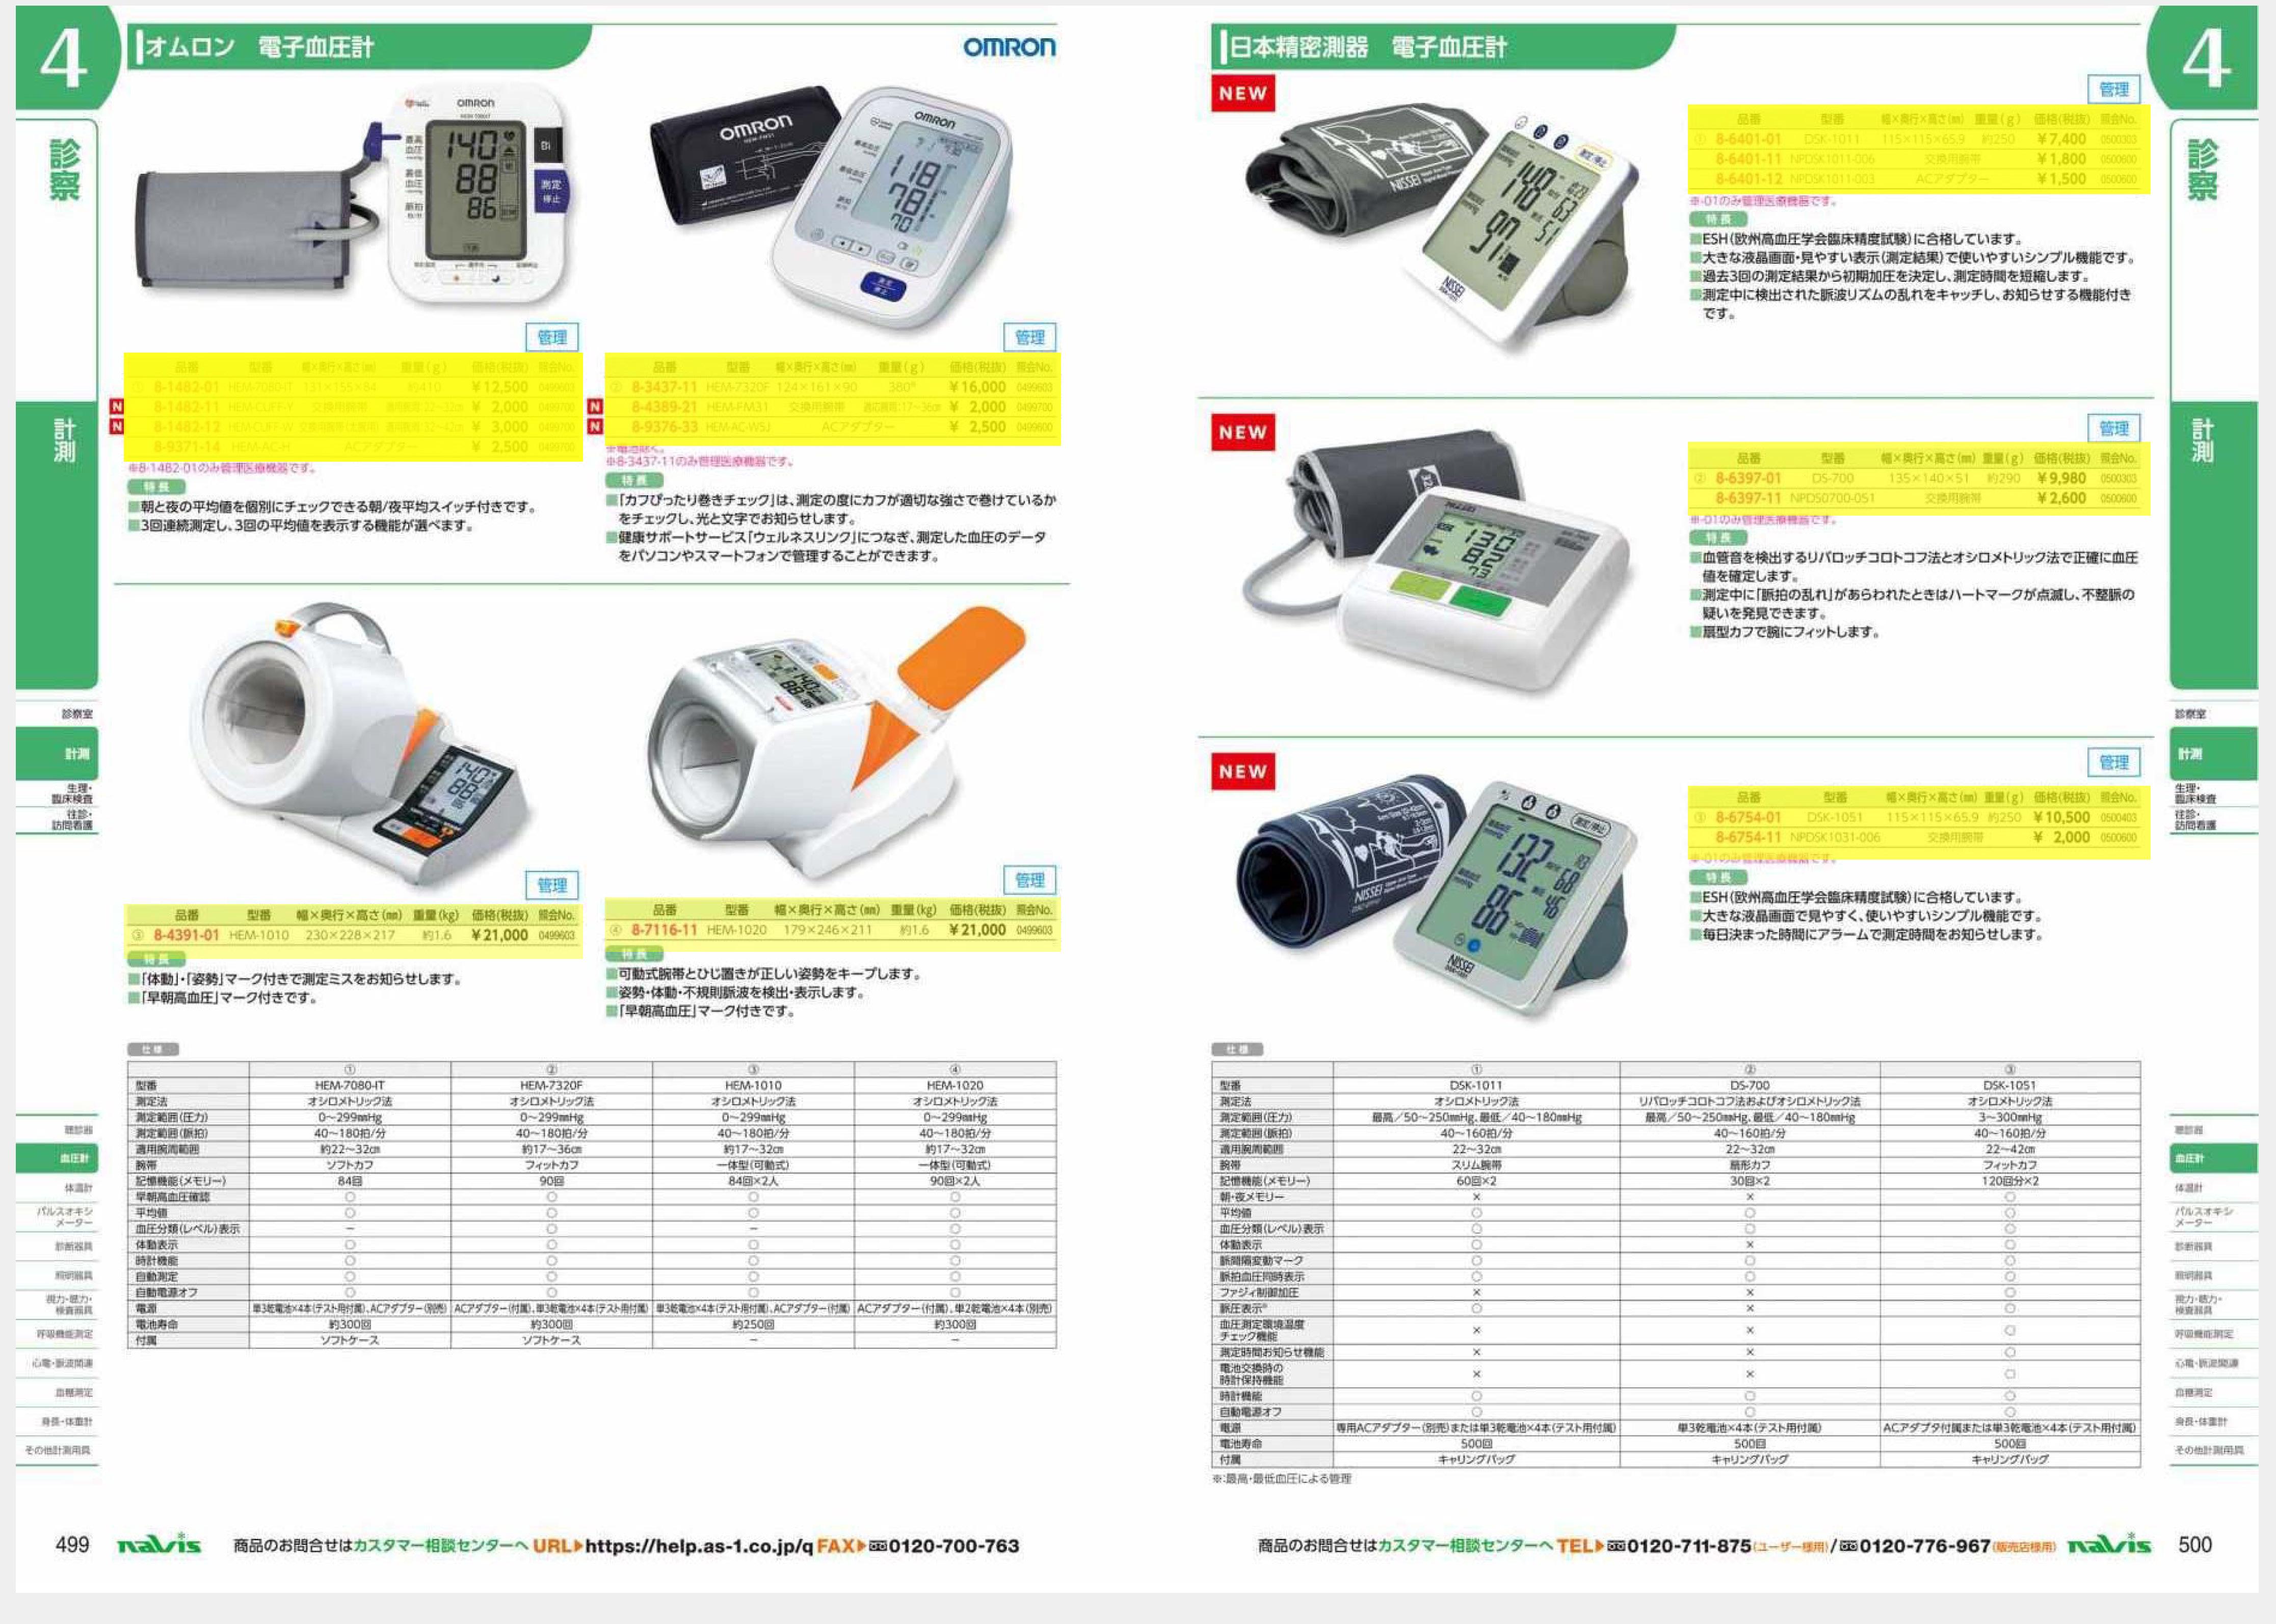 ナビス50000 オムロン 8-4391-01 デジタル自動血圧計 HEM−1010[個](as1-8-4391-01)